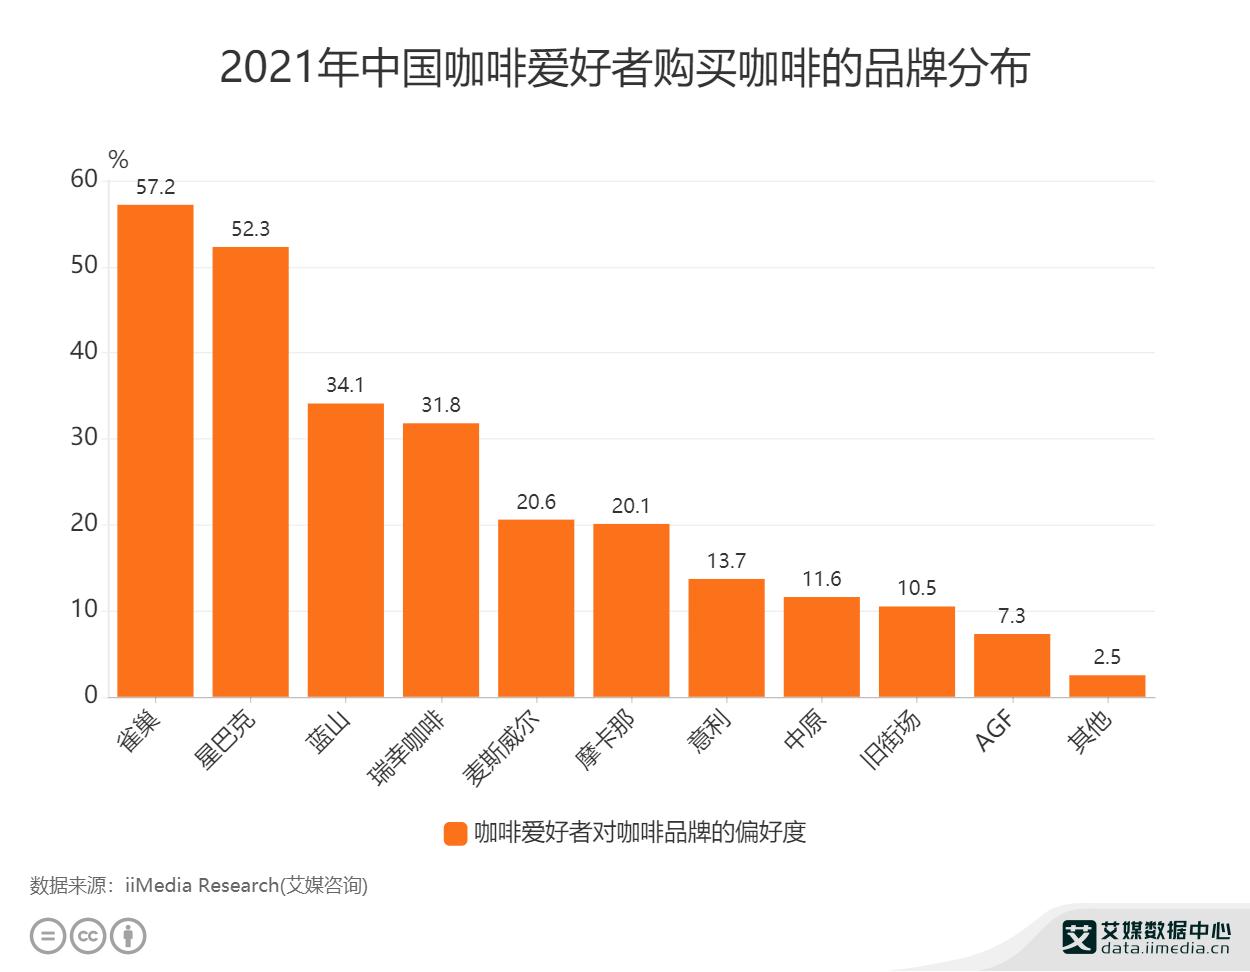 2021年中国咖啡爱好者购买咖啡的品牌分布.png